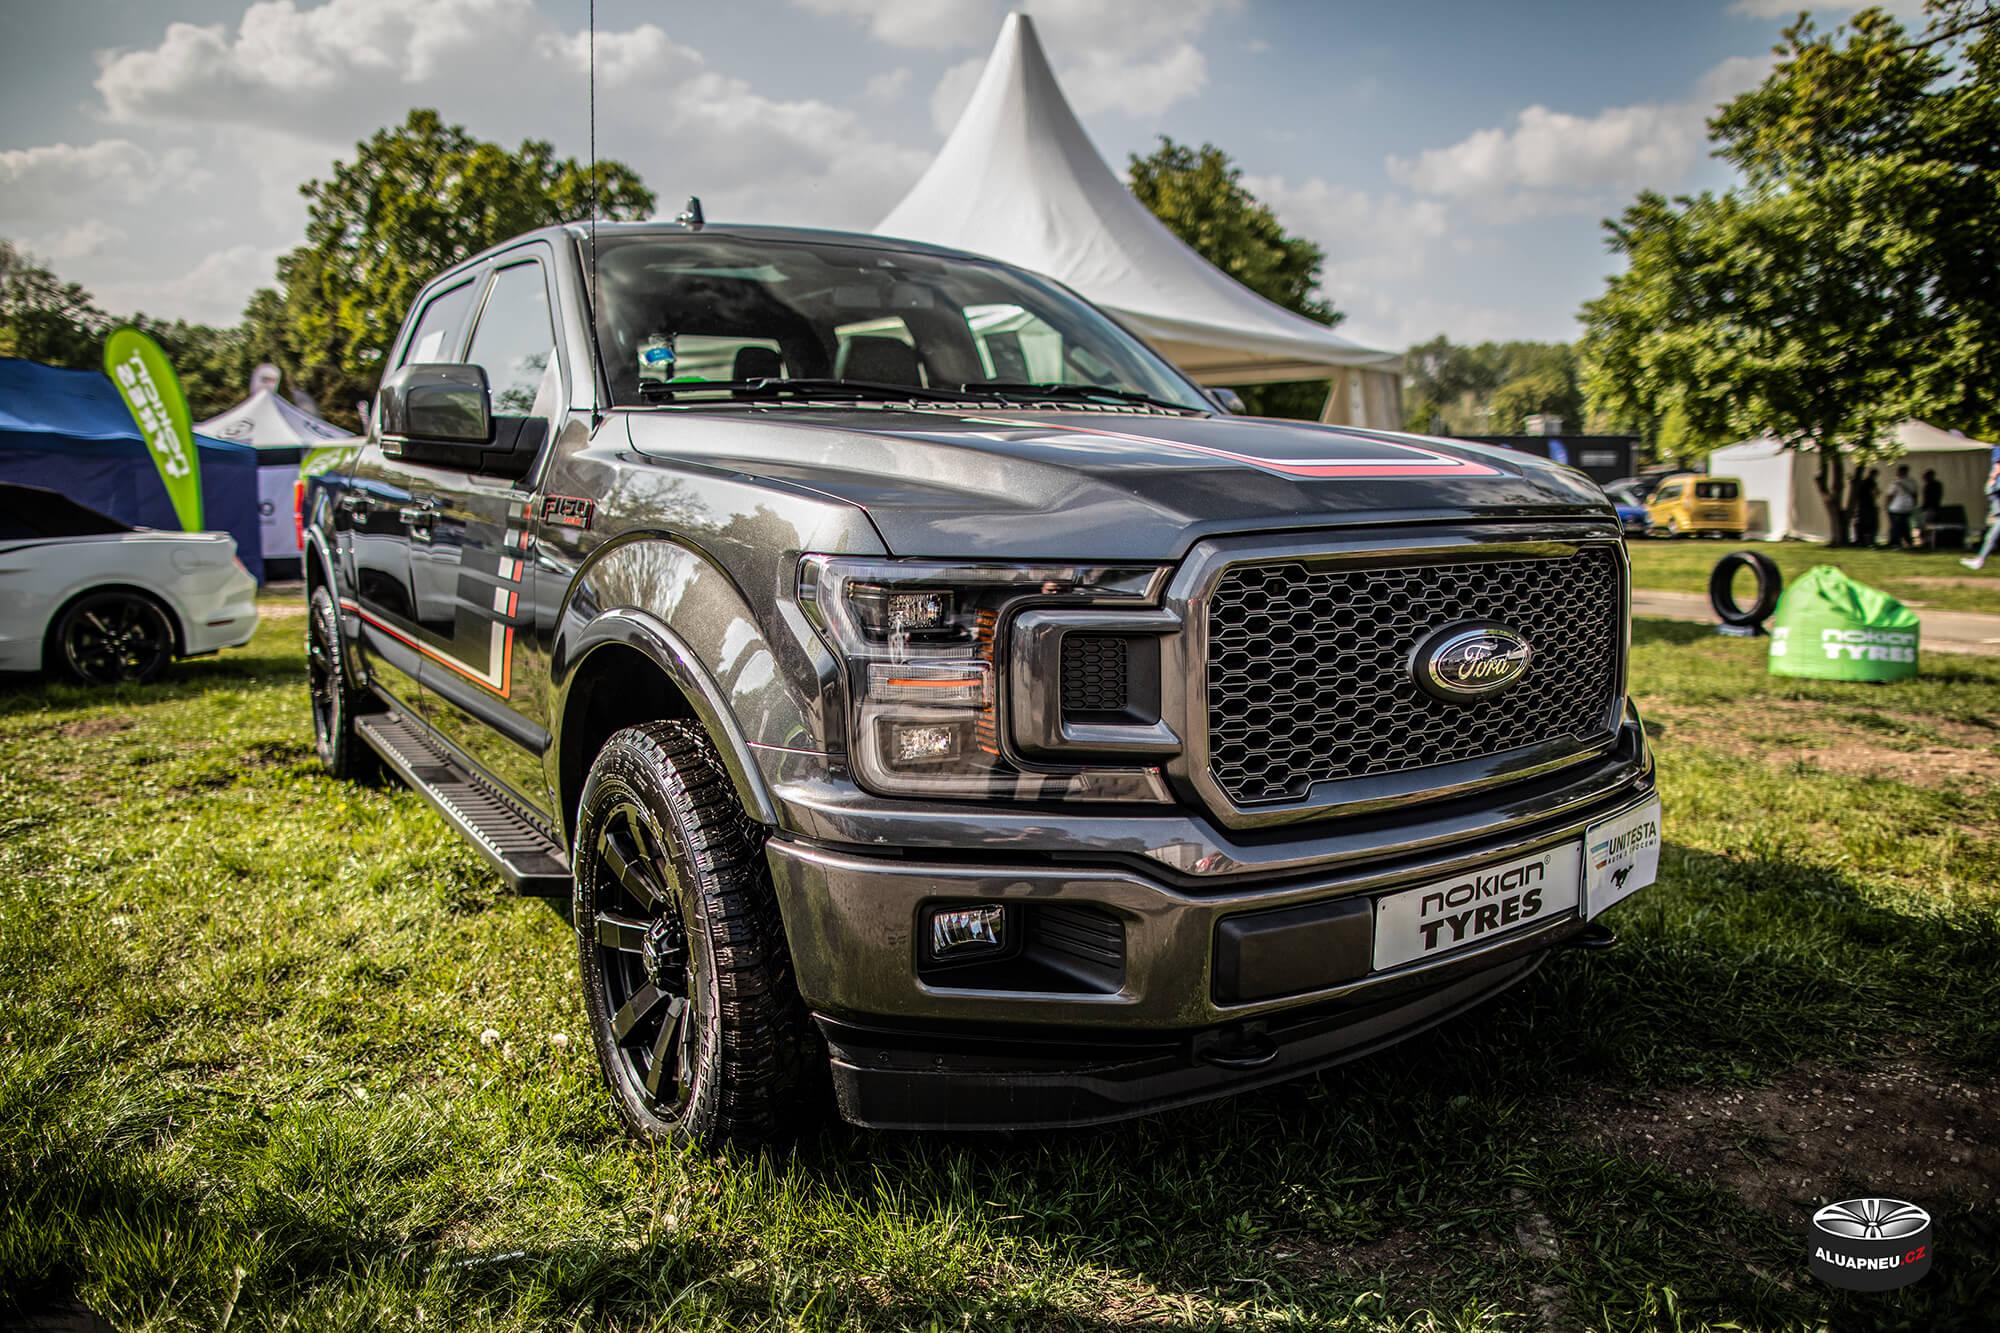 Off Road alu kola Ford - Automobilové Legendy 2019 - www.aluapneu.cz